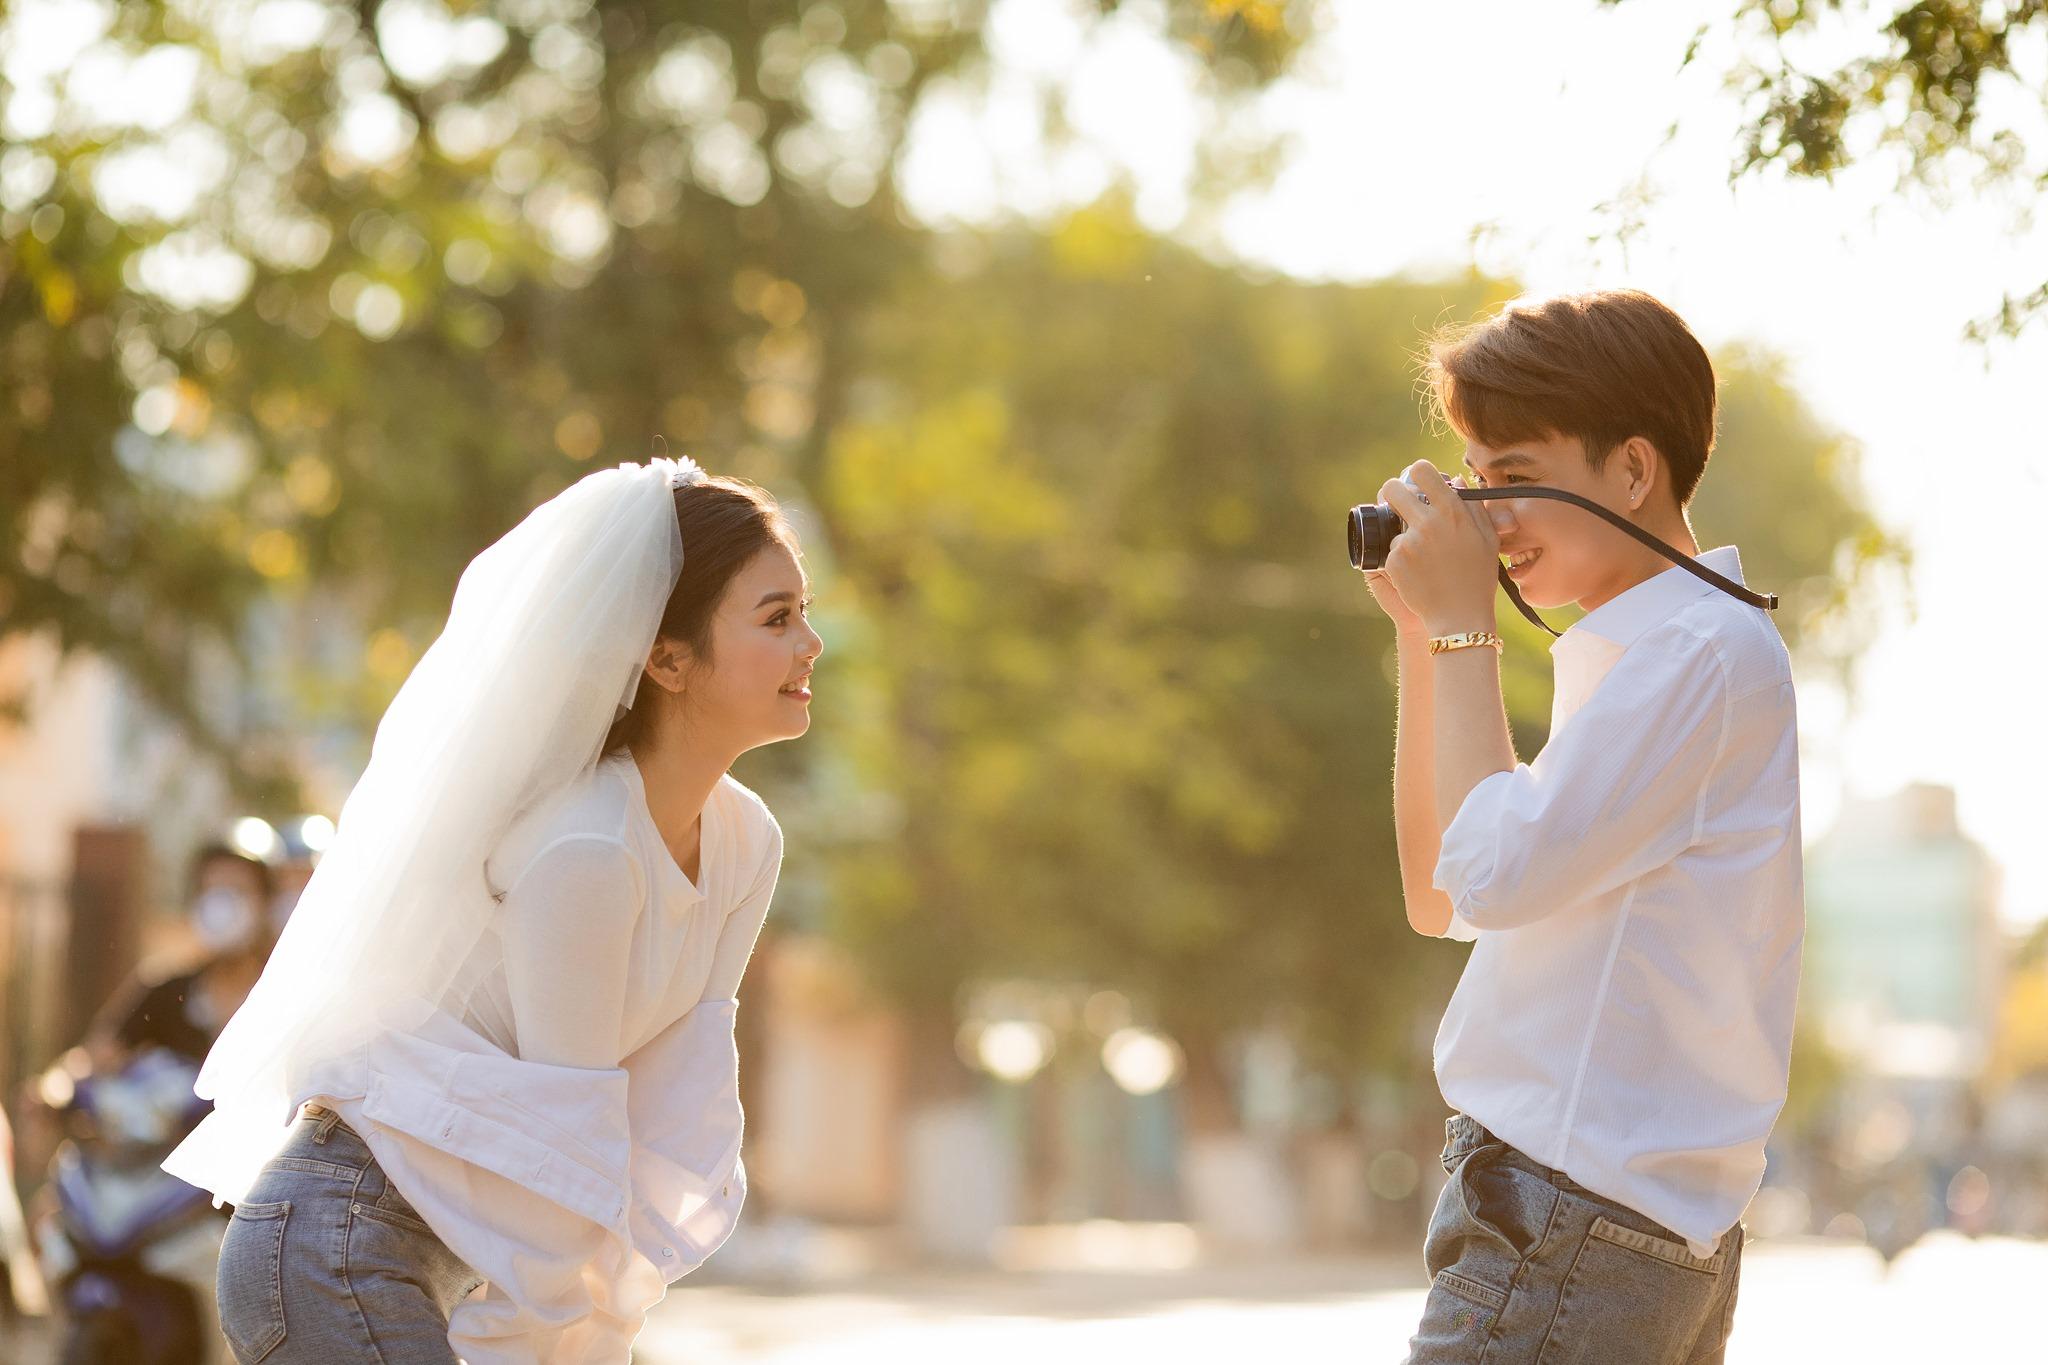 Xếp hạng 8 Studio chụp ảnh cưới đẹp nhất Tiền Giang - Đoàn Quang Huy Studio